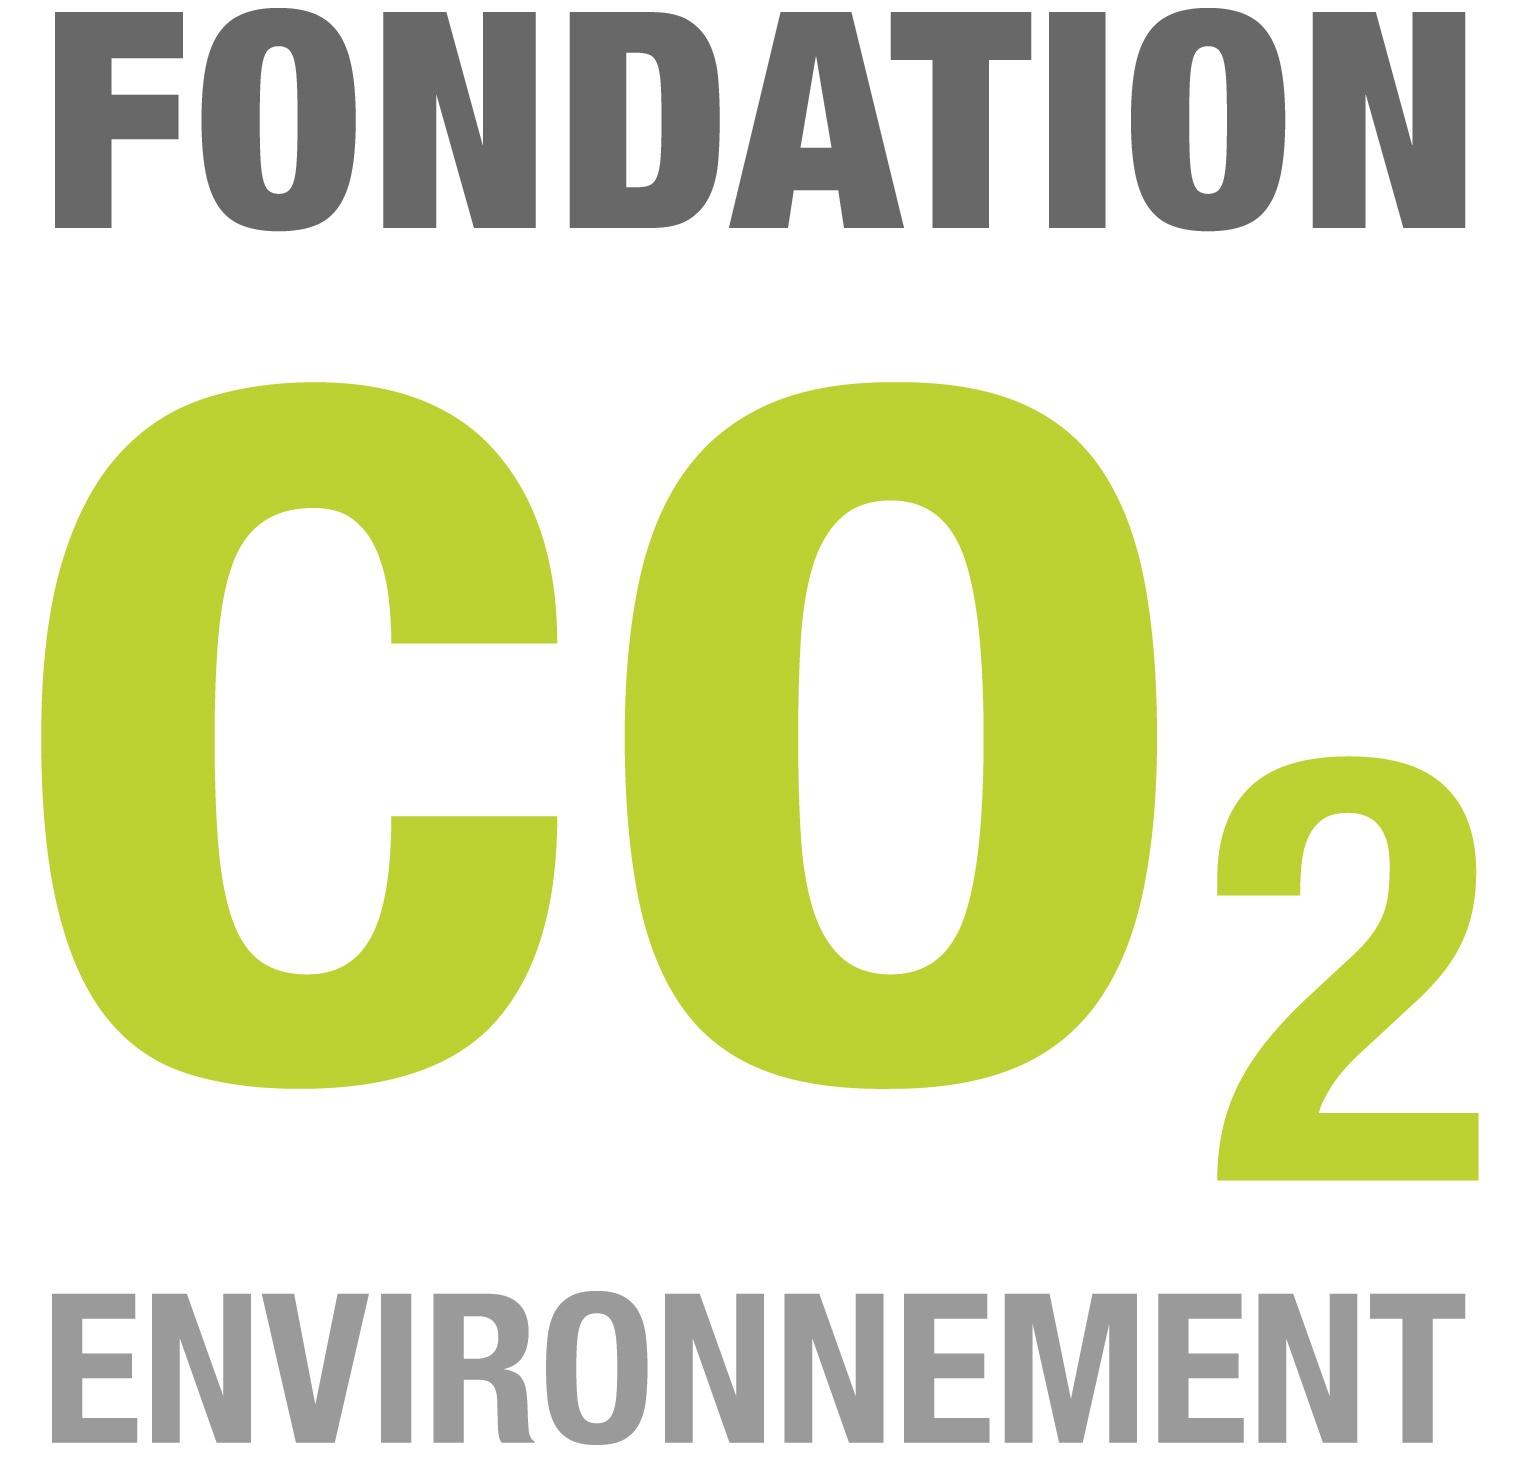 Fondation CO2 Environnement